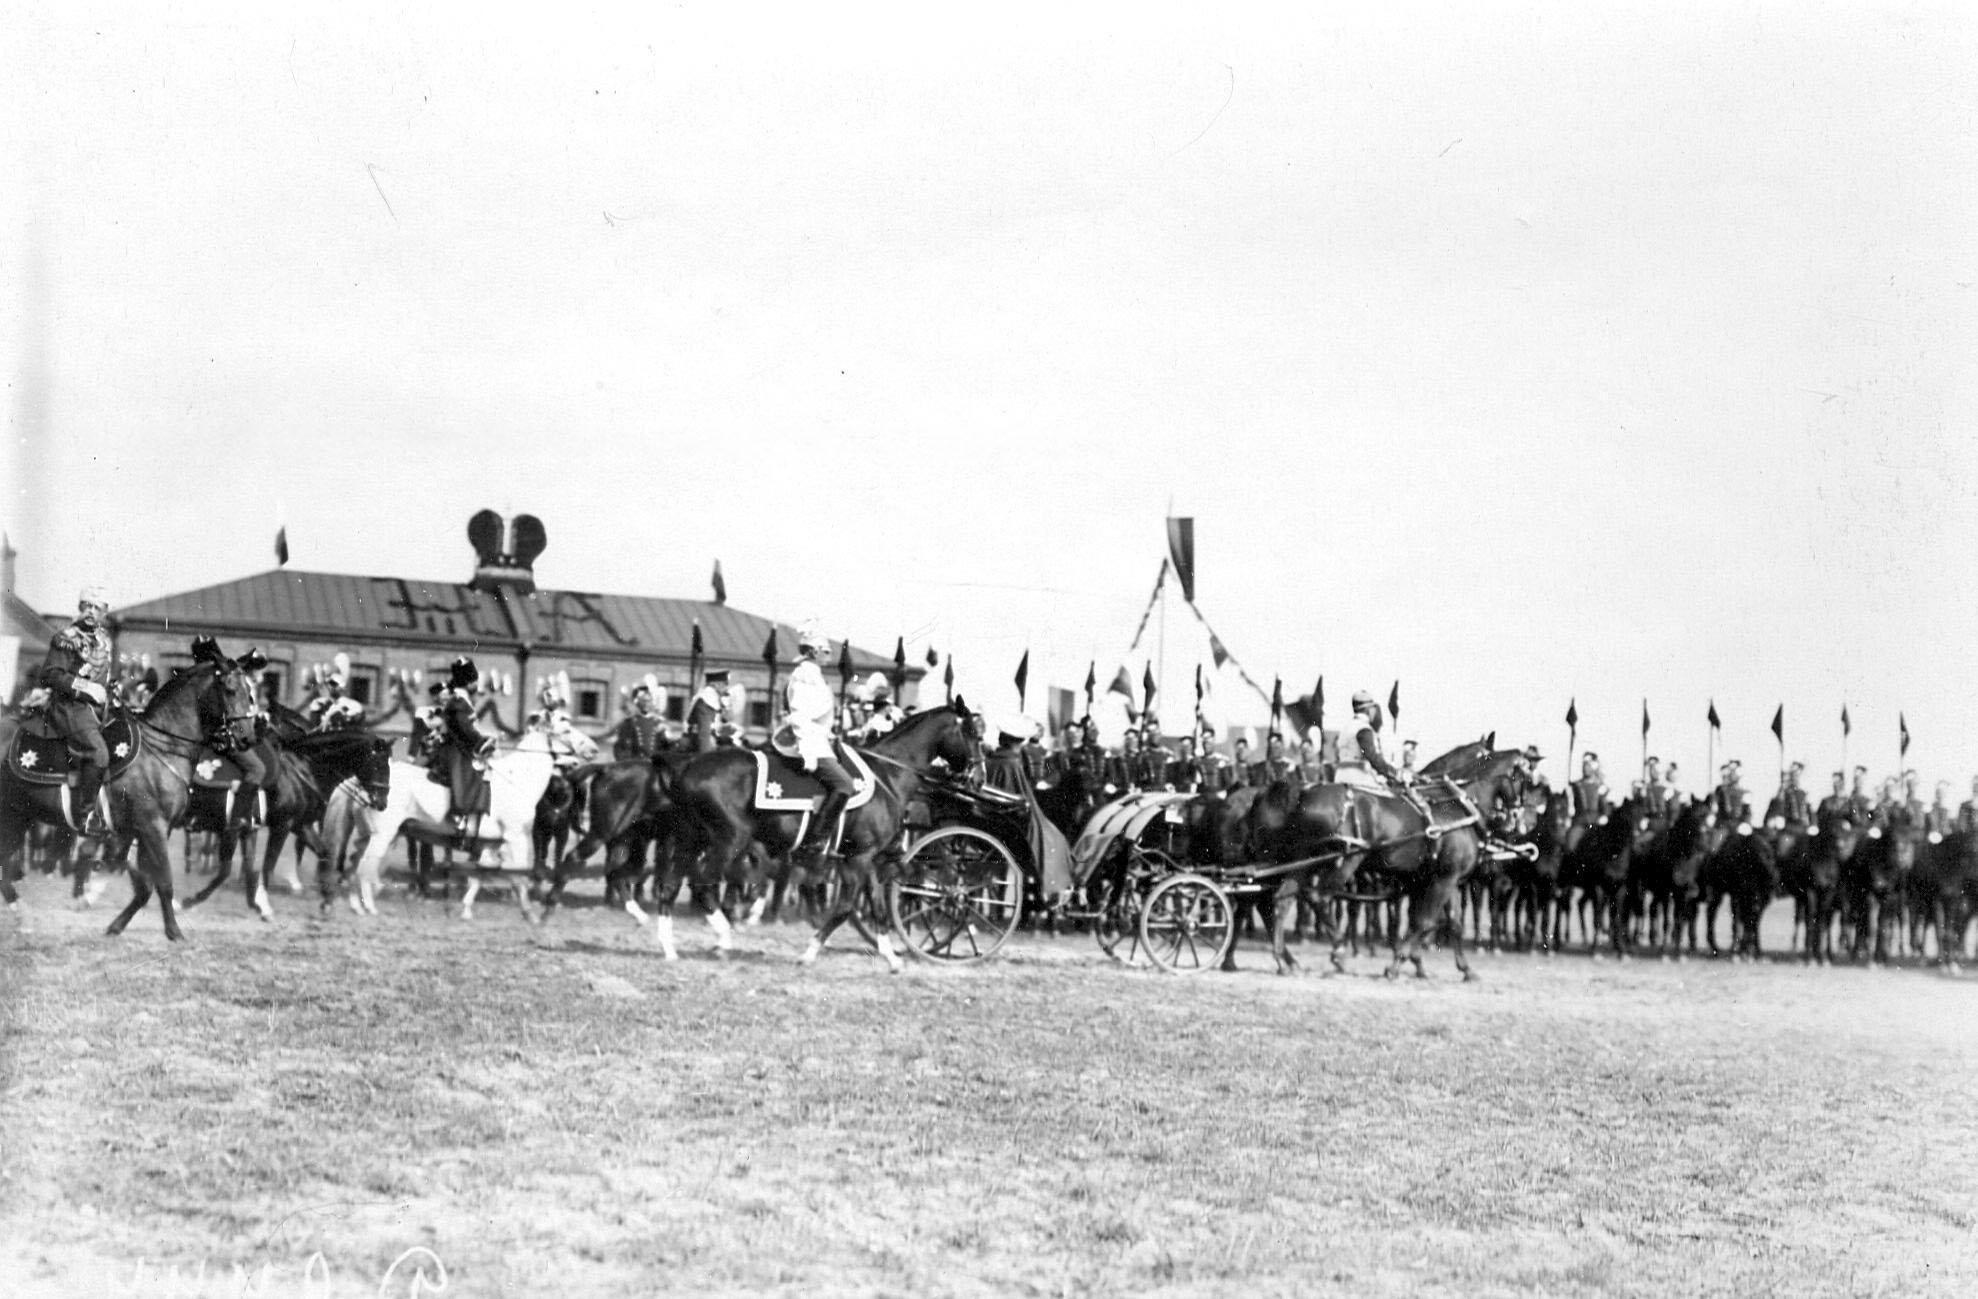 Император Николай II со свитой объезжает полк во время парада в день празднования 250-летия полка